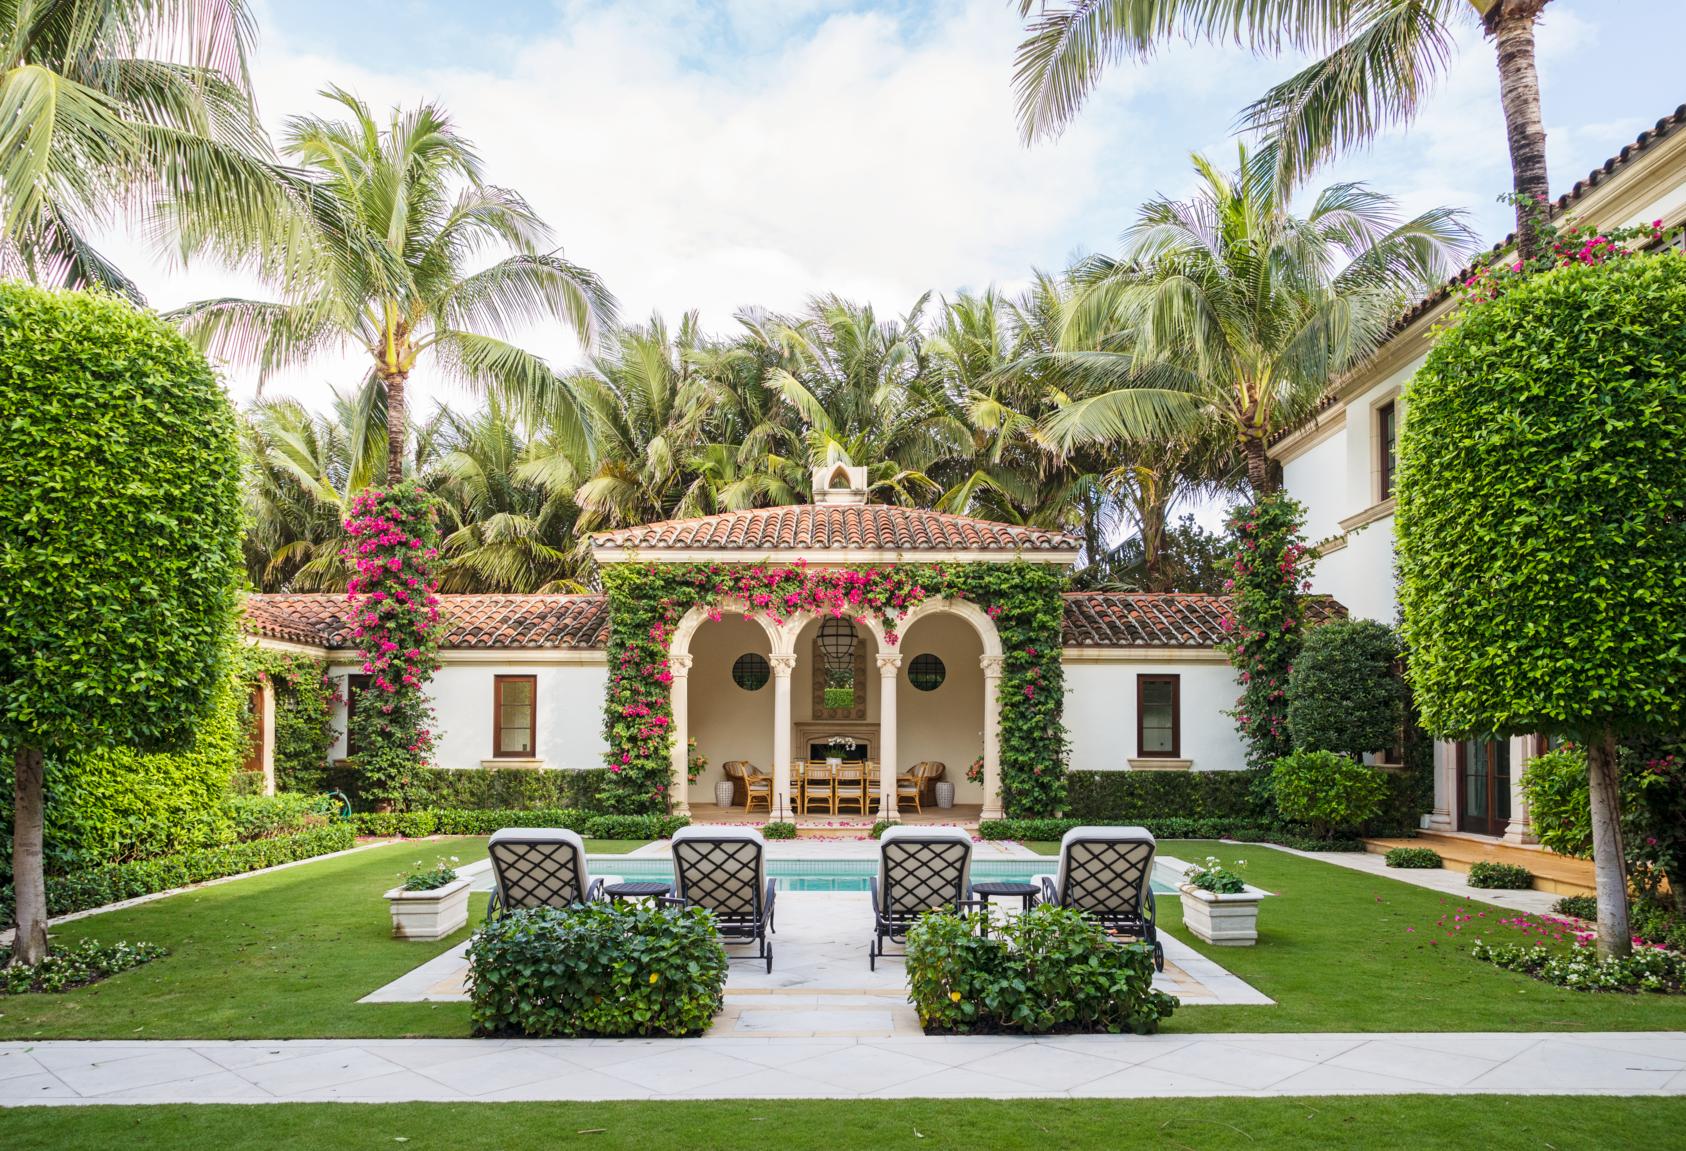 20 Best Home Garden Ideas To Enhance The Beauty of Home Garden